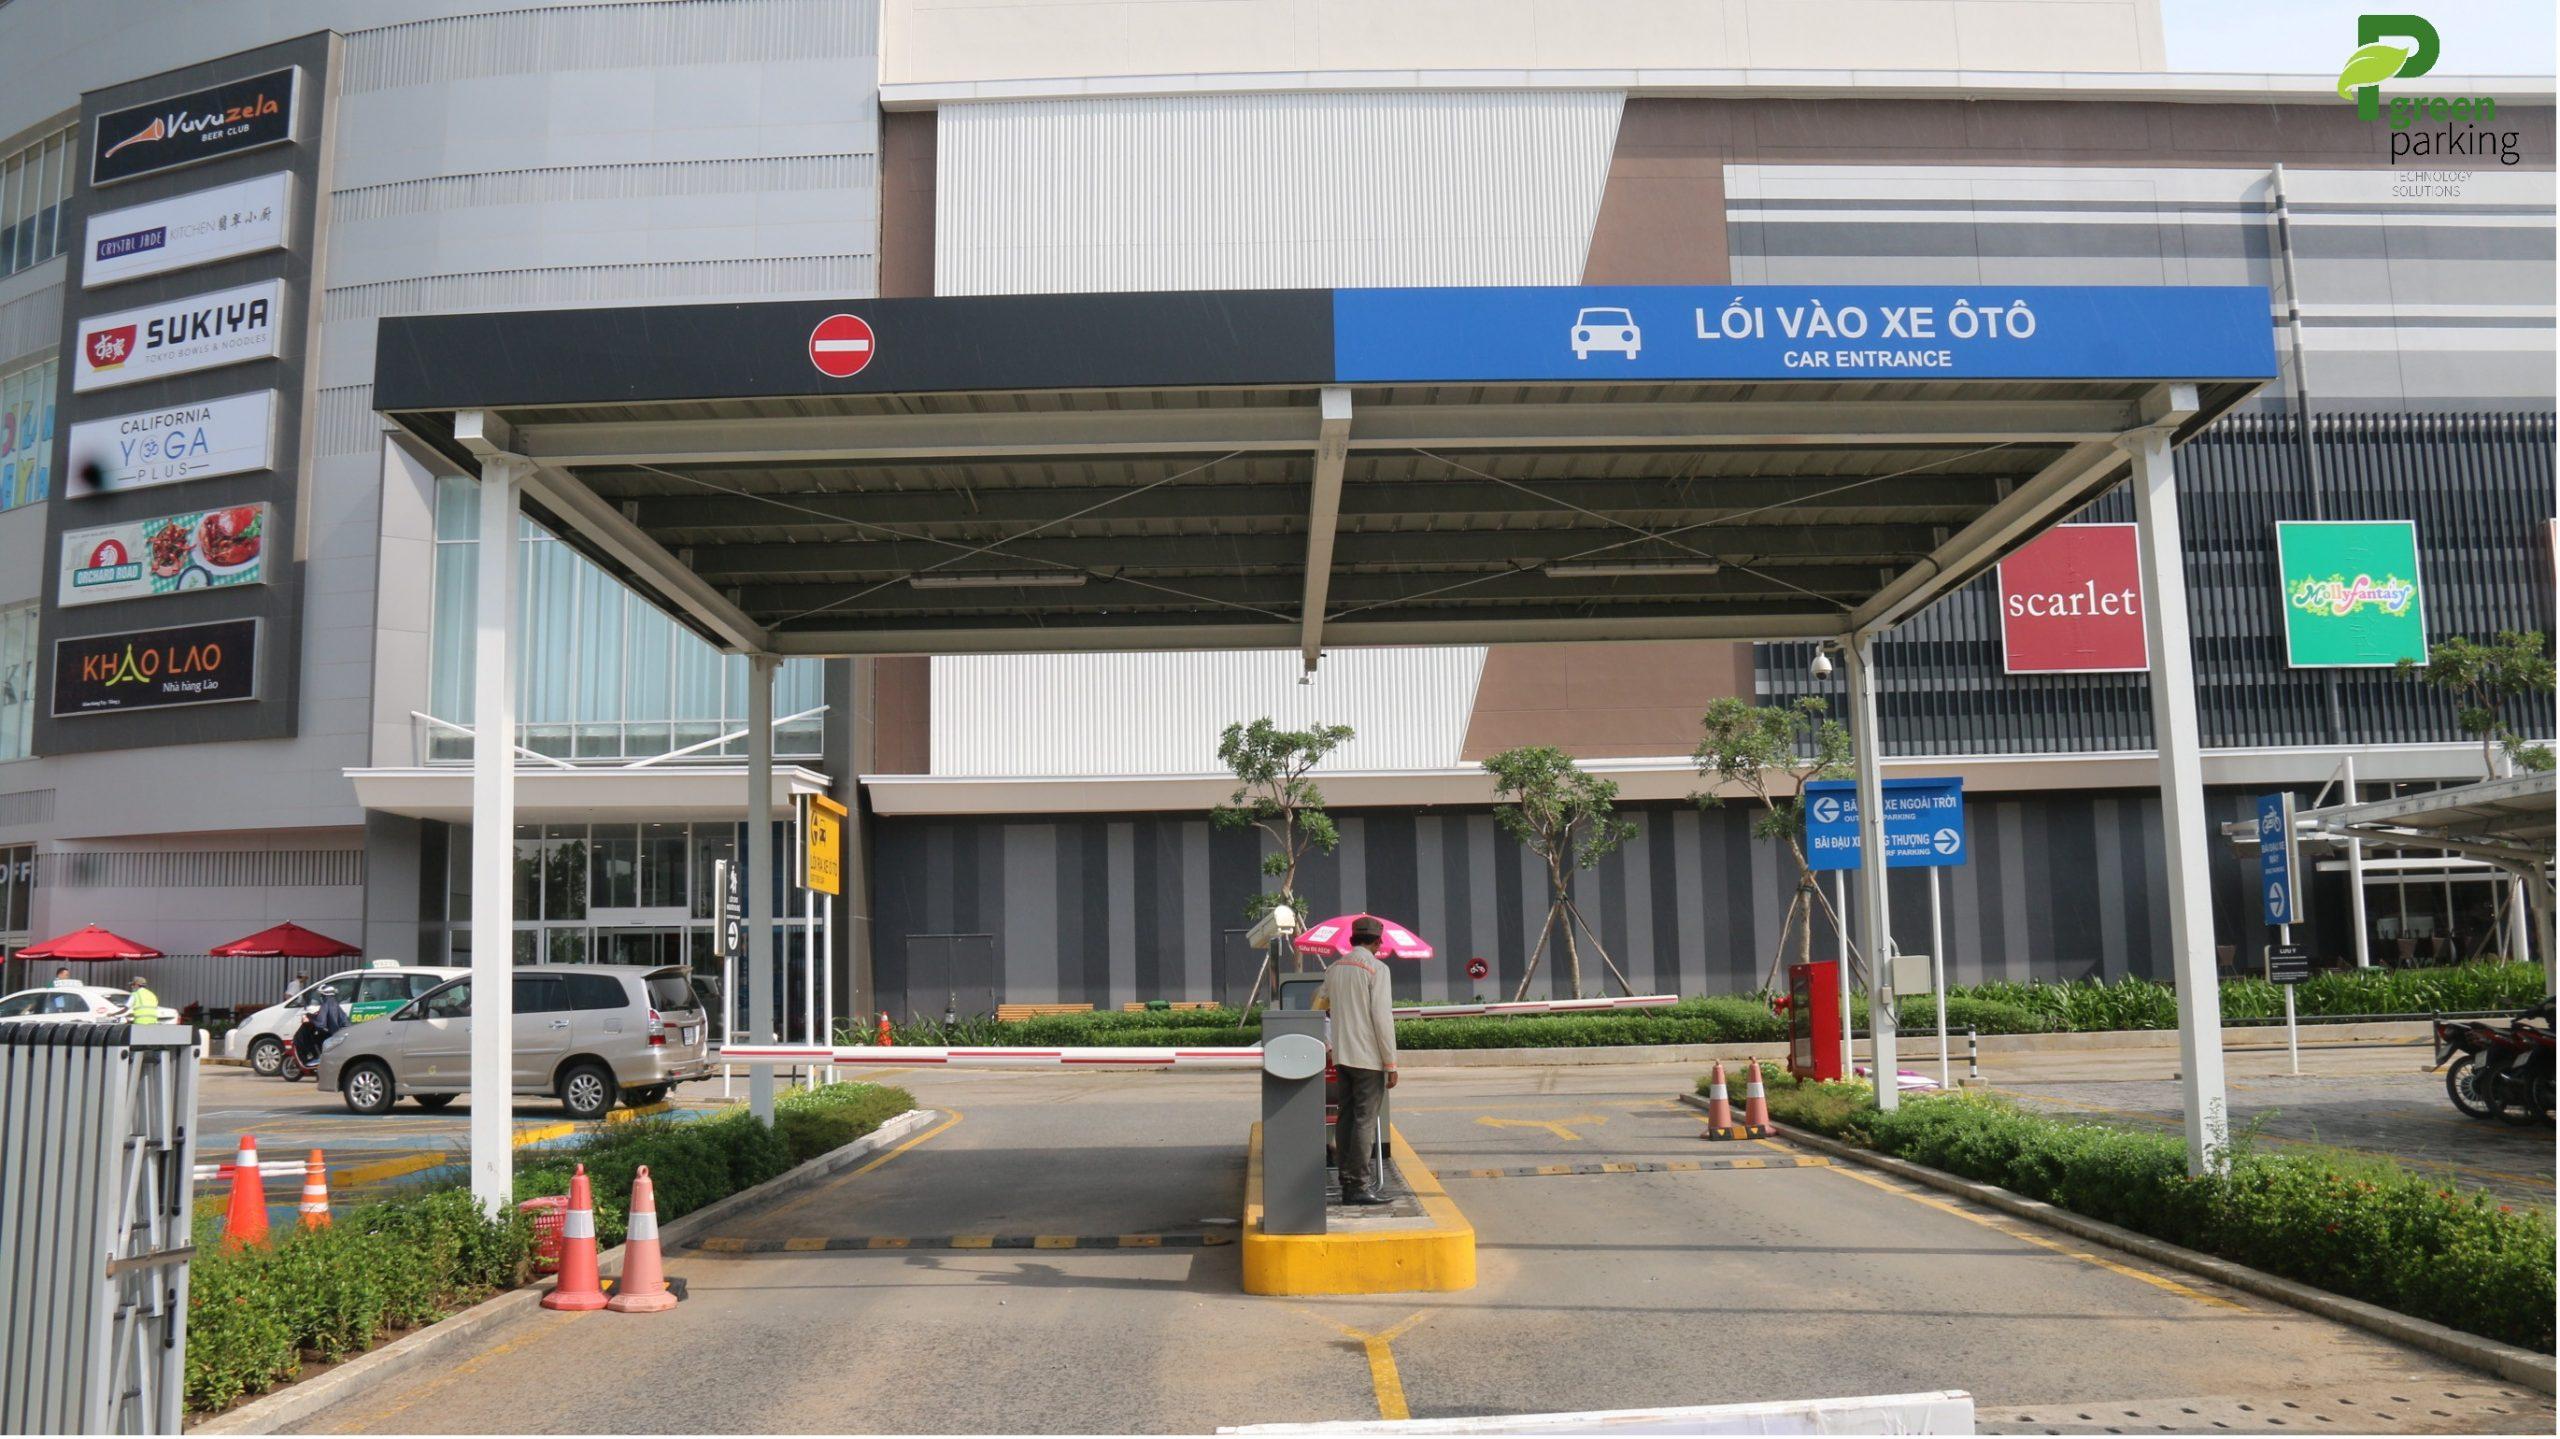 Dán bảo vệ kính cho toàn bộ AEONMALL Bình Tân, KCN Tân Bình